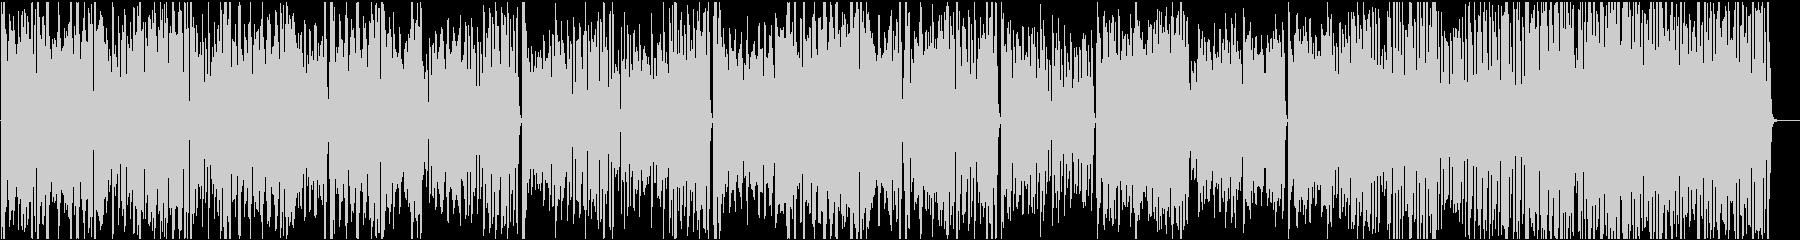 ピアノ名曲ジョプリン コロコロかわいい曲の未再生の波形